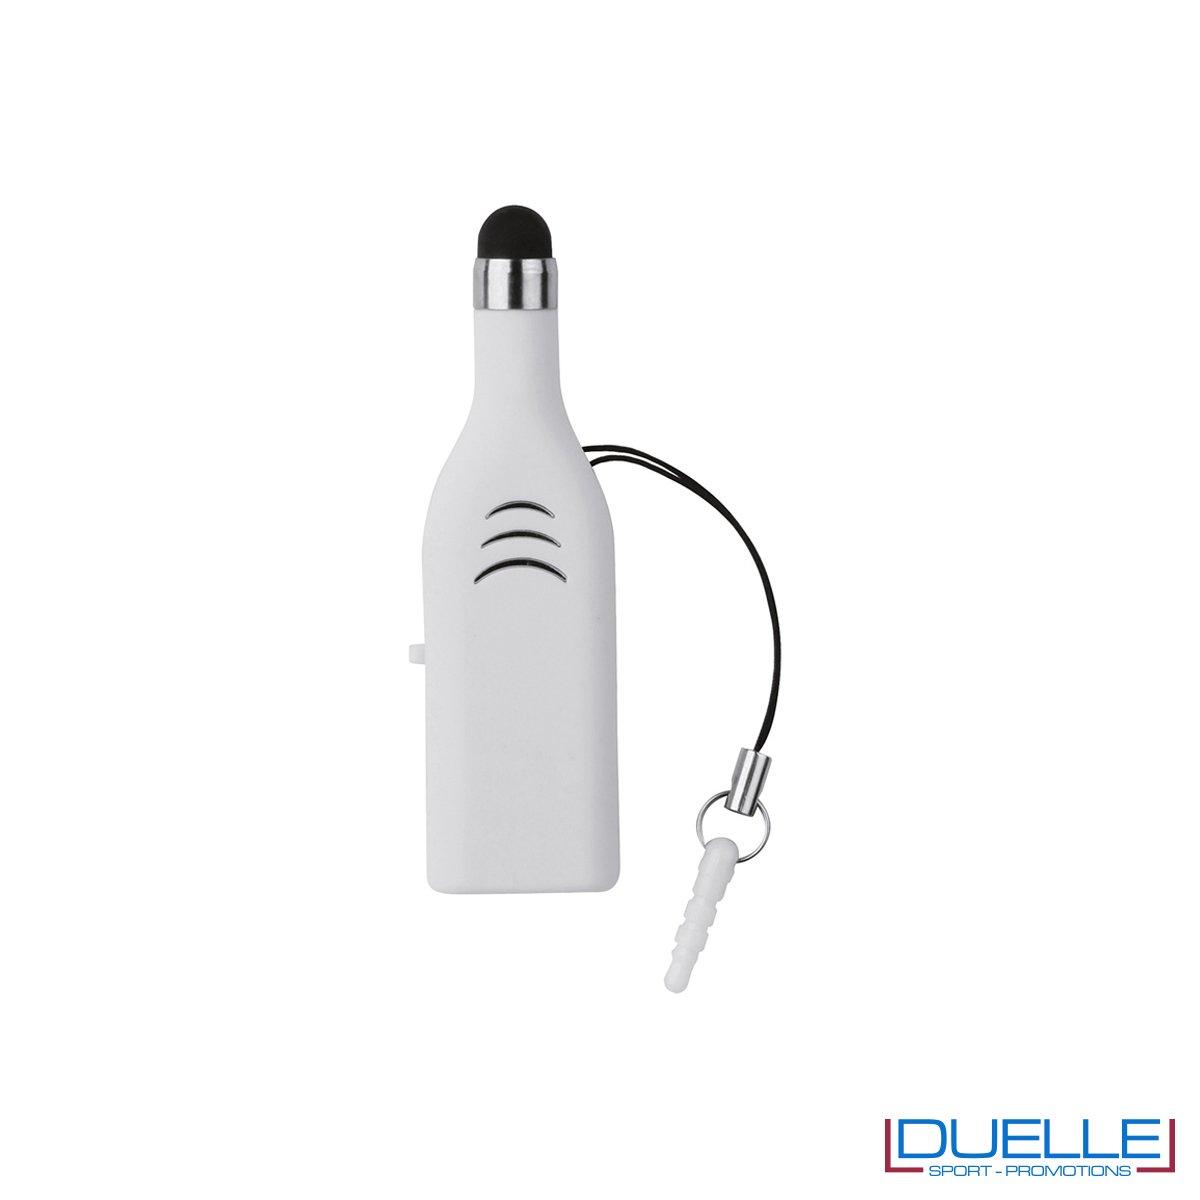 Chiavette USB personalizzate. Gadget Aziendali. gadget personalizzati. gadget Promozionale